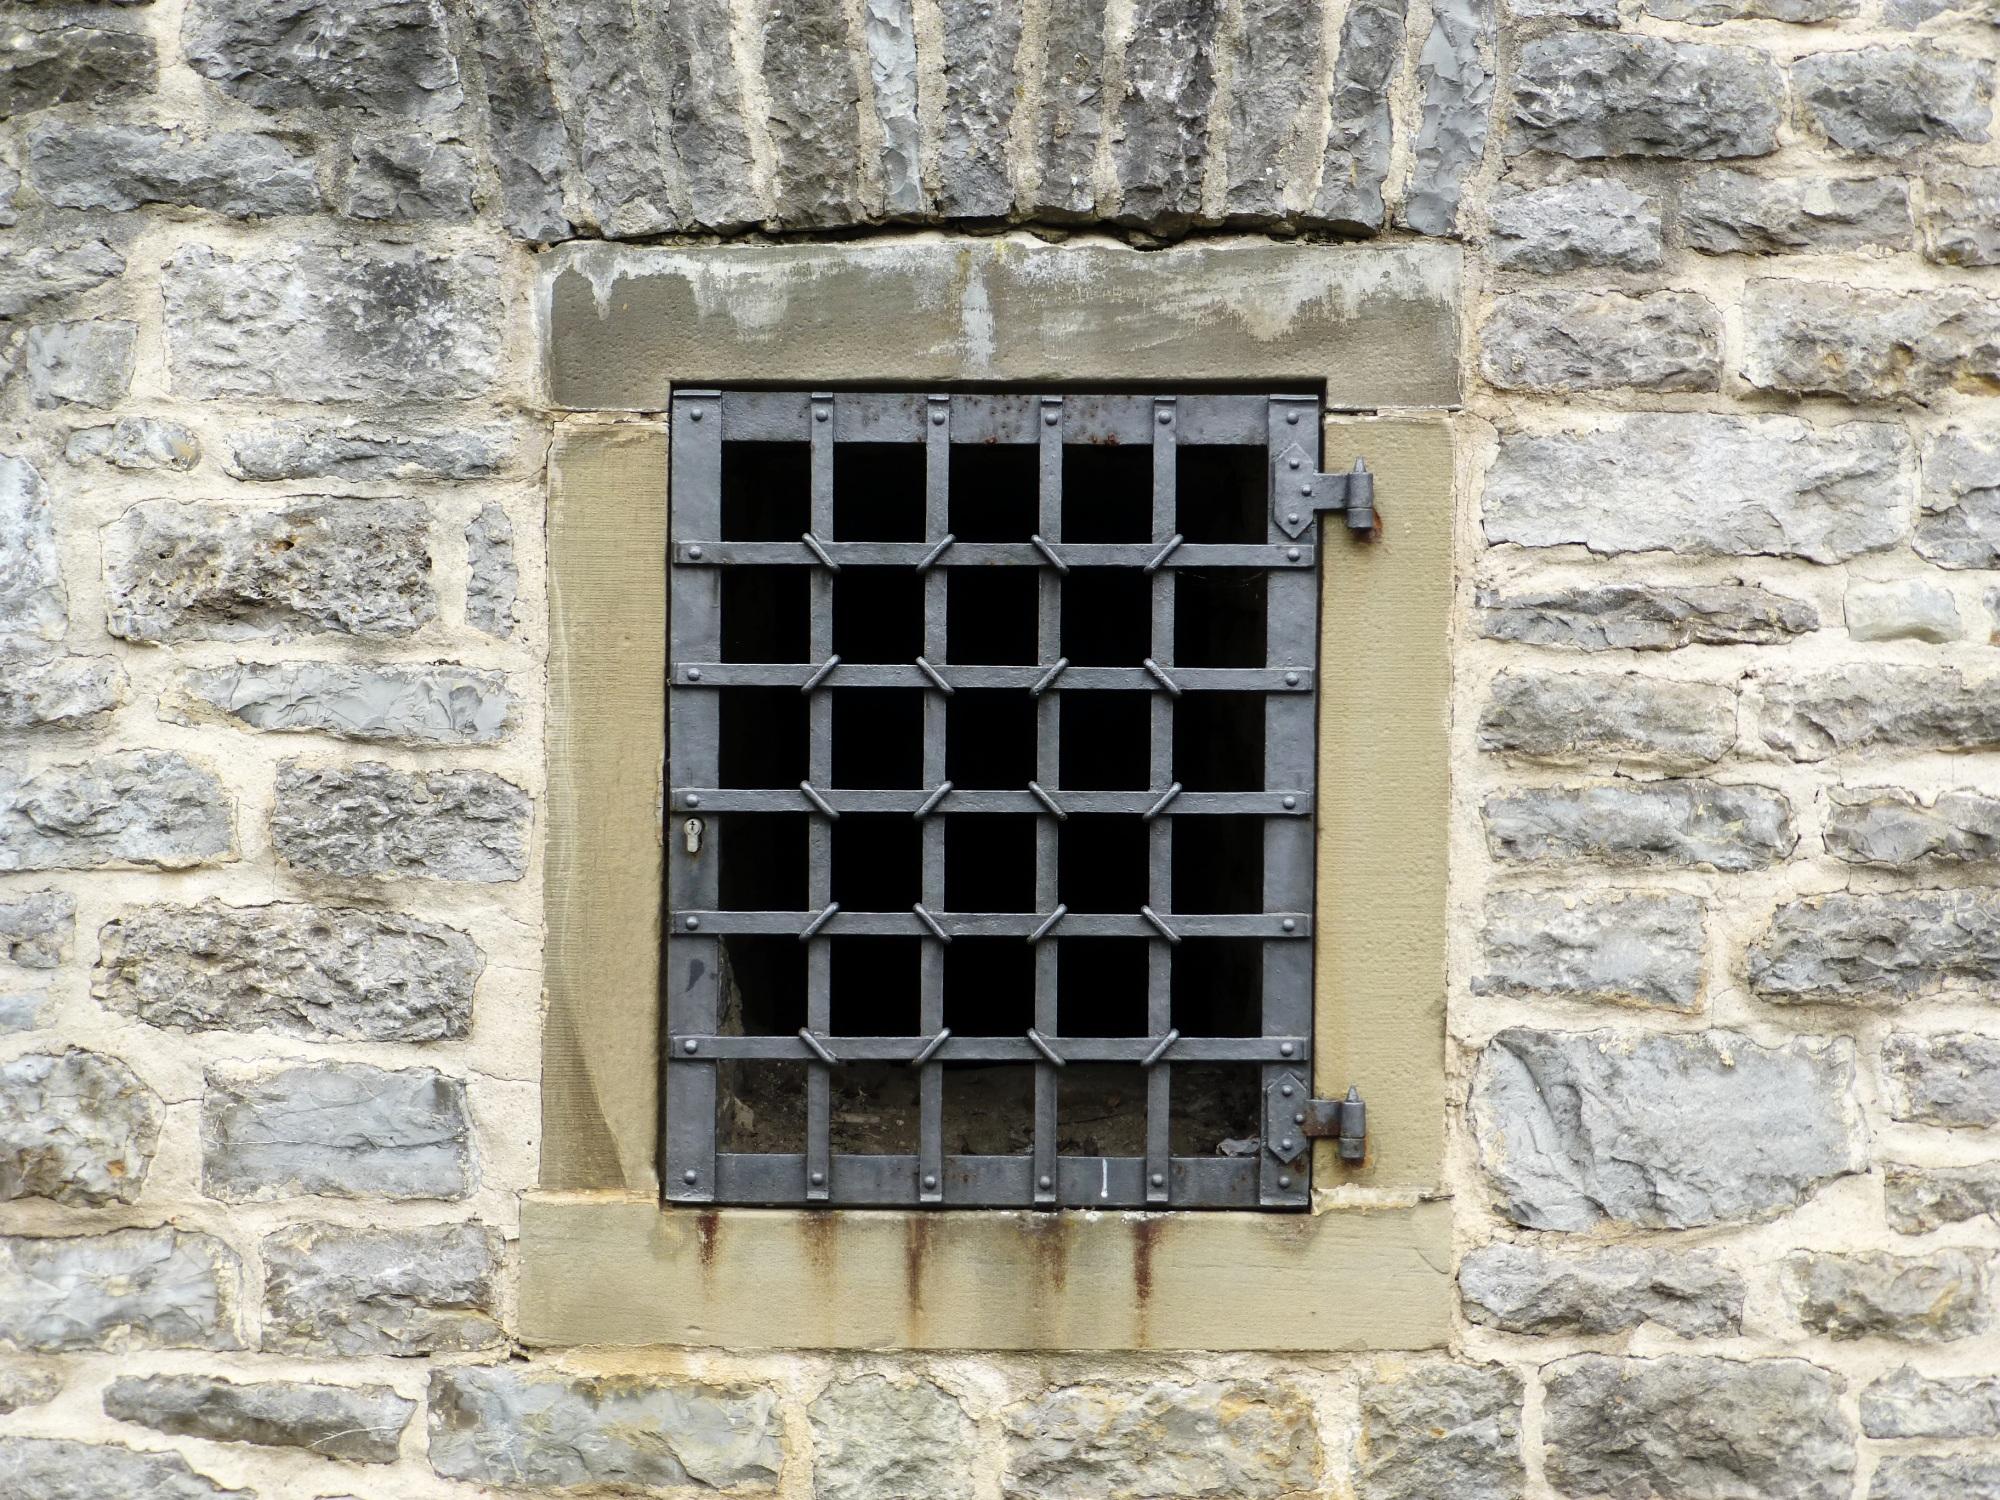 window old wall castle facade brick door material interior design grid brickwork masonry window grilles sash